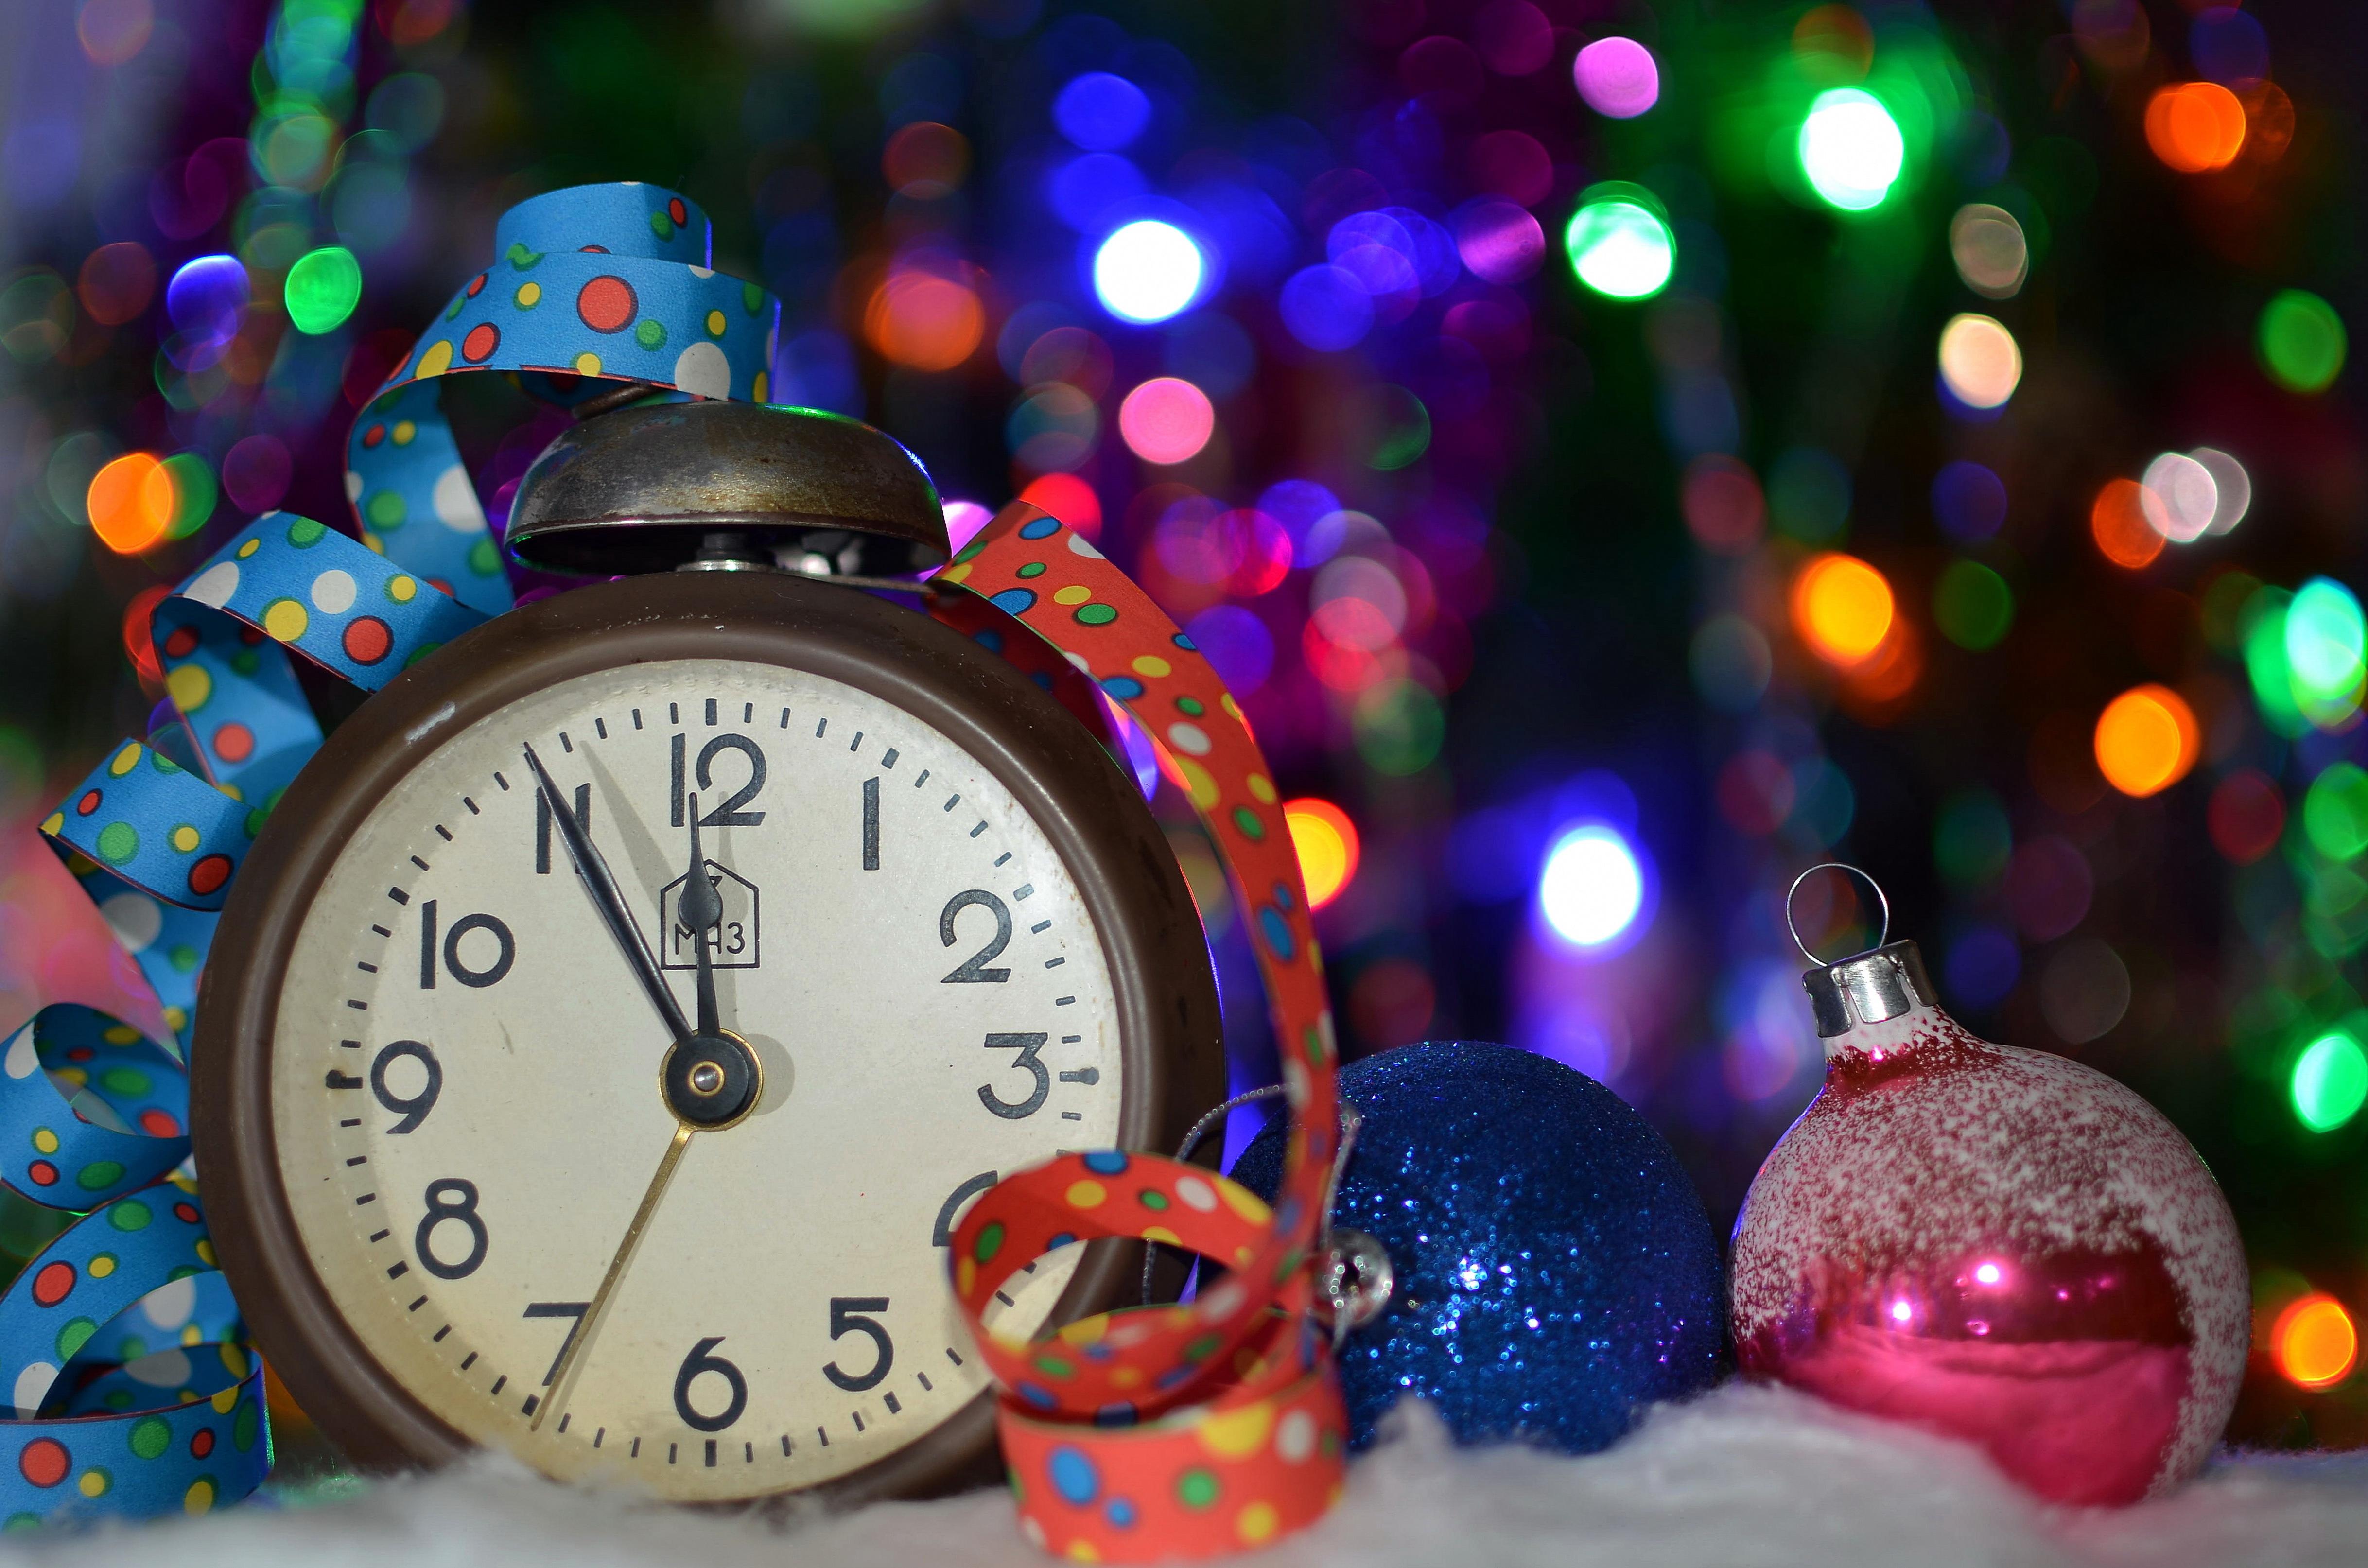 часы игрушки подарки снежинки  № 2647406 бесплатно